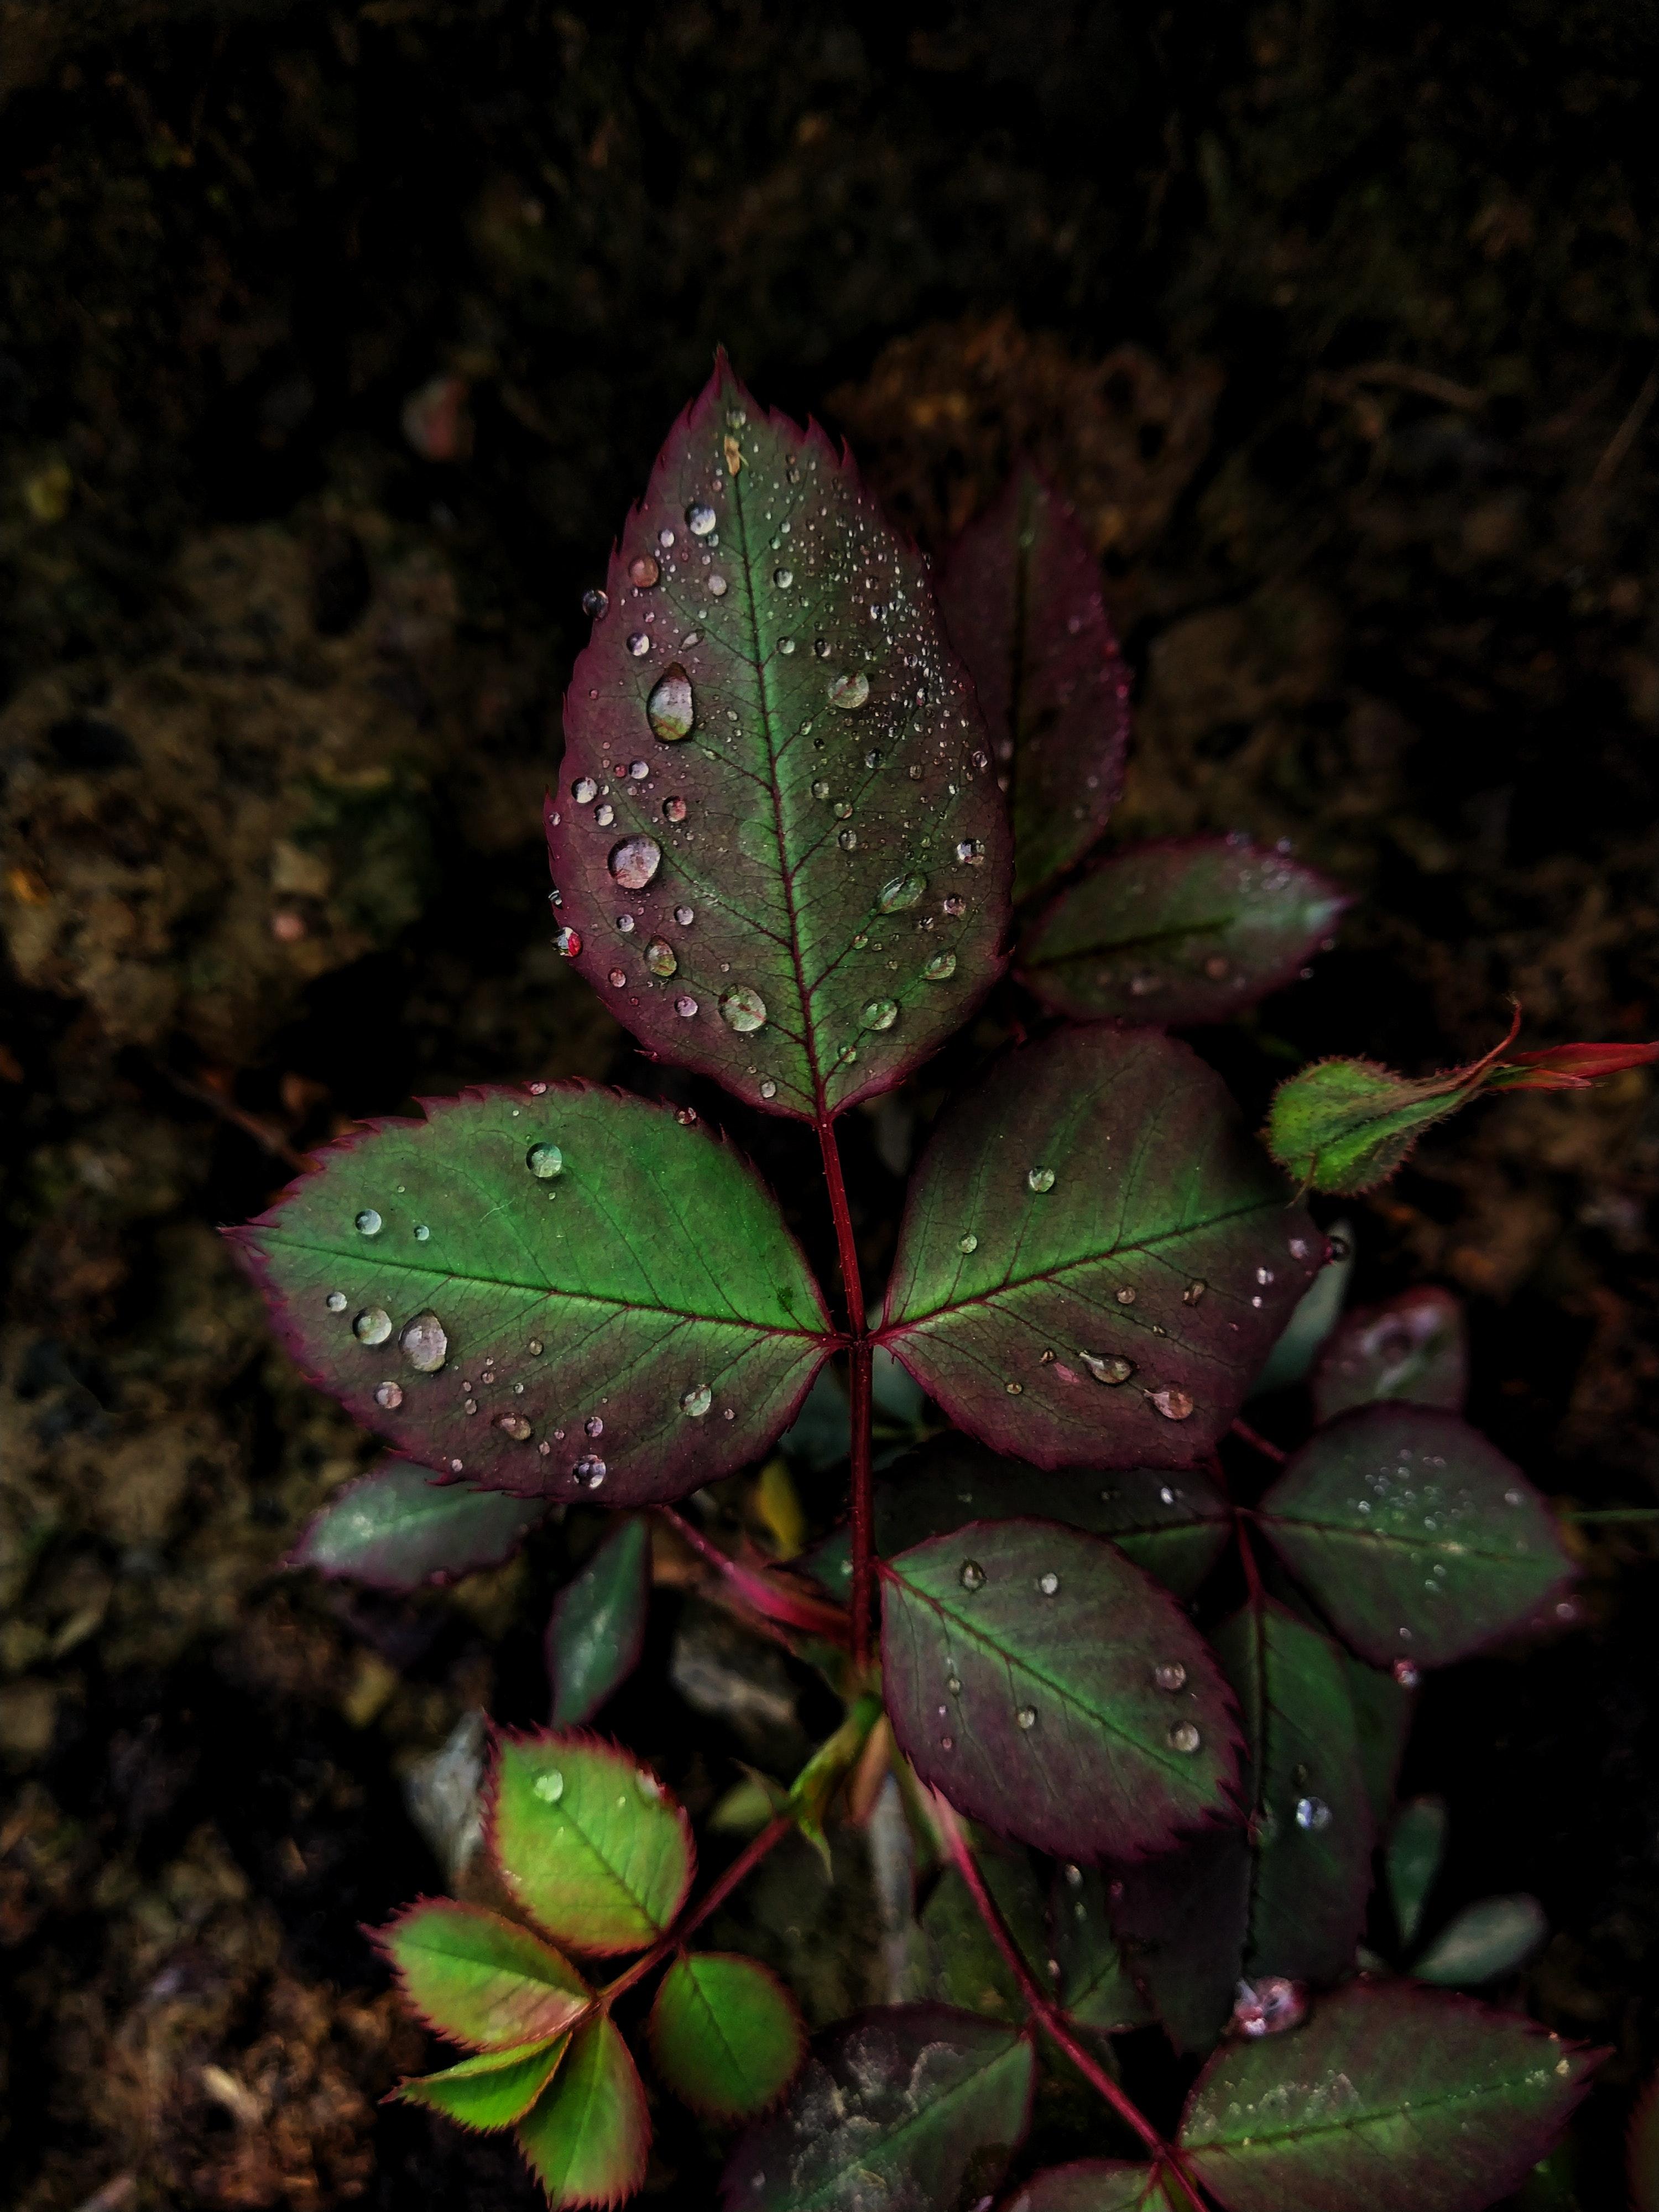 Foto Stok Gratis Tentang Background Hitam Daun Bunga Mawar Daun Daun